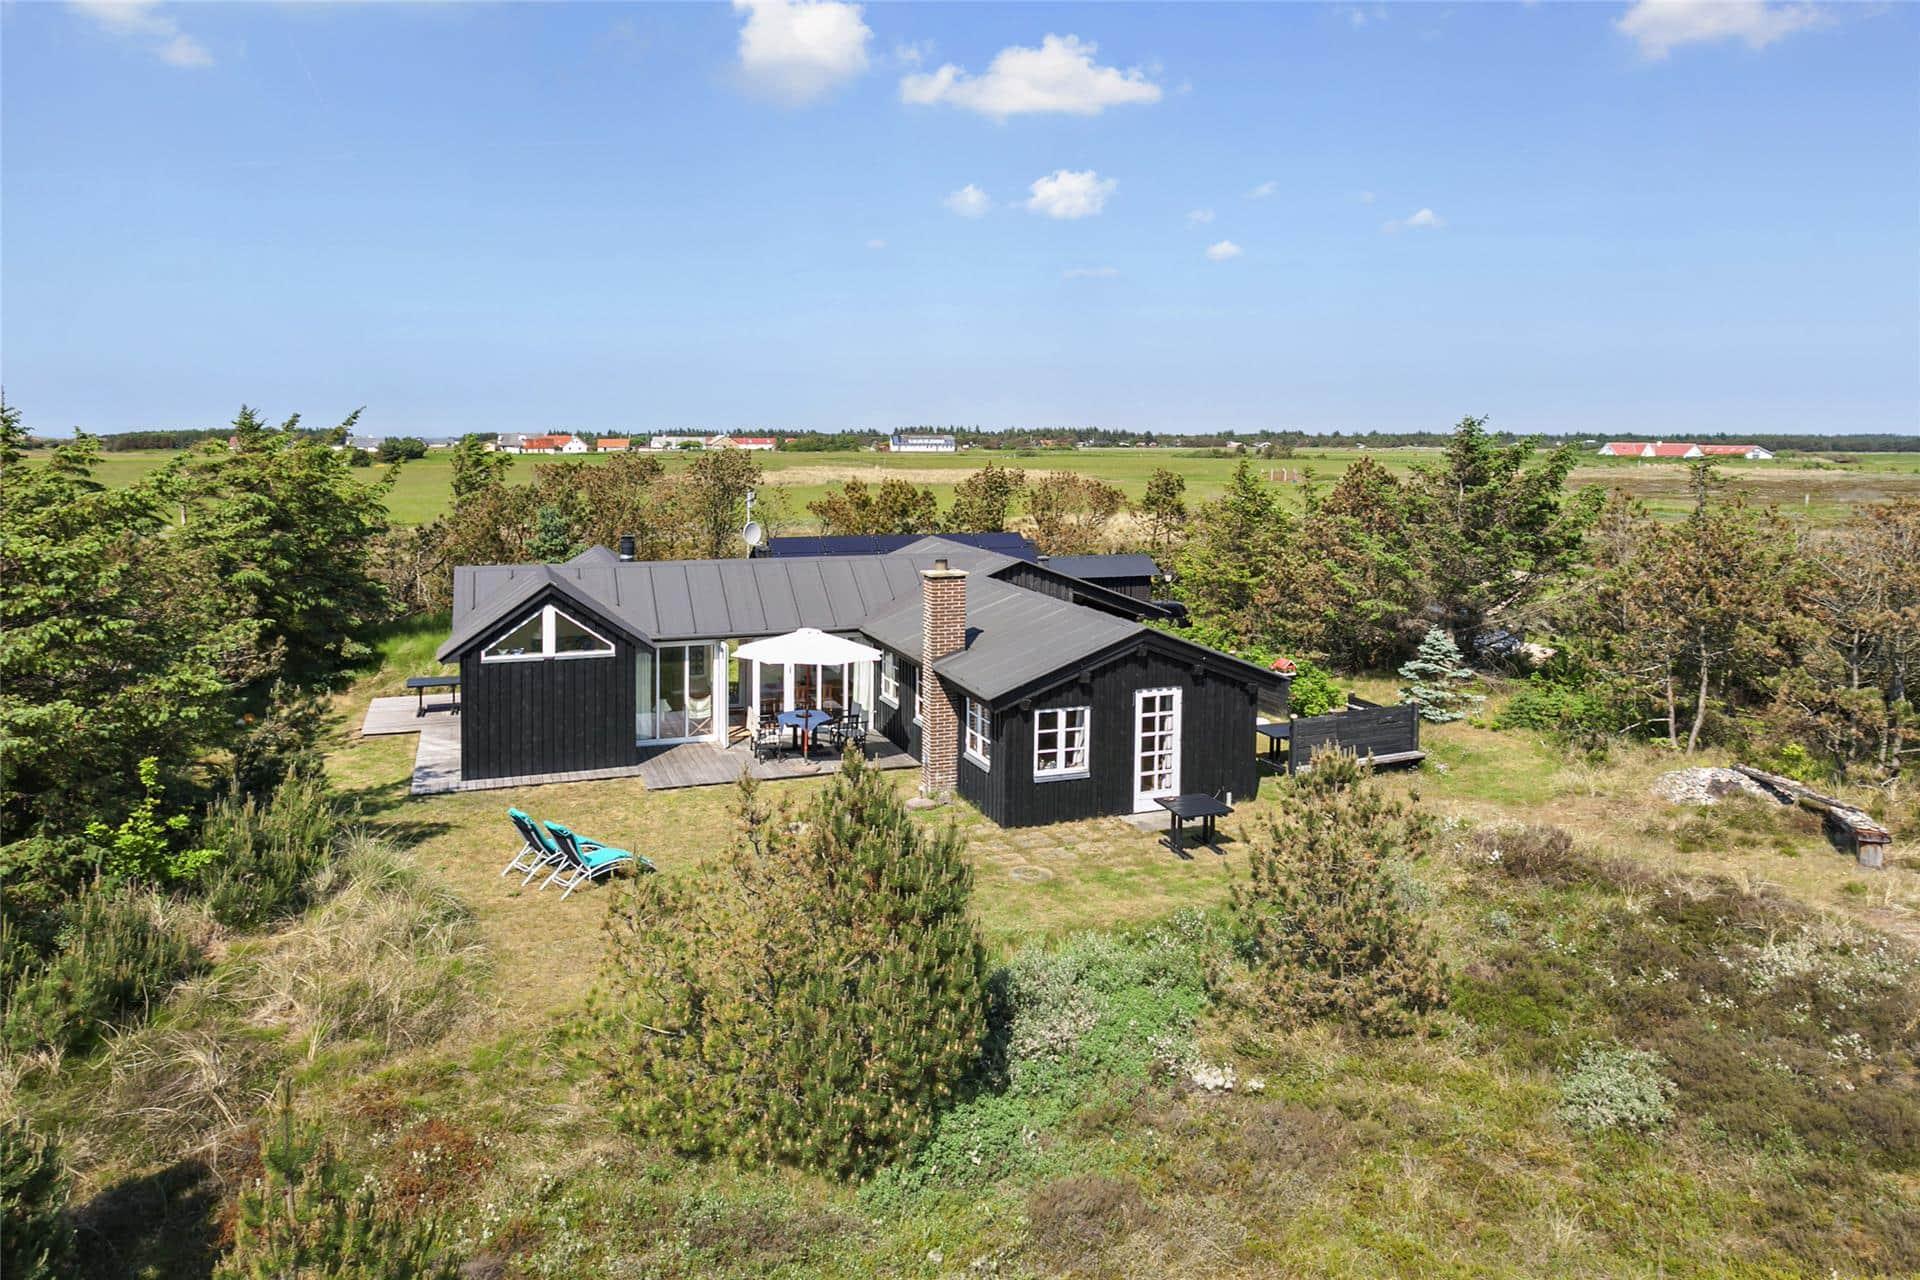 Billede 1-13 Sommerhus 255, Kræn Knudsens Vej 13, DK - 7700 Thisted